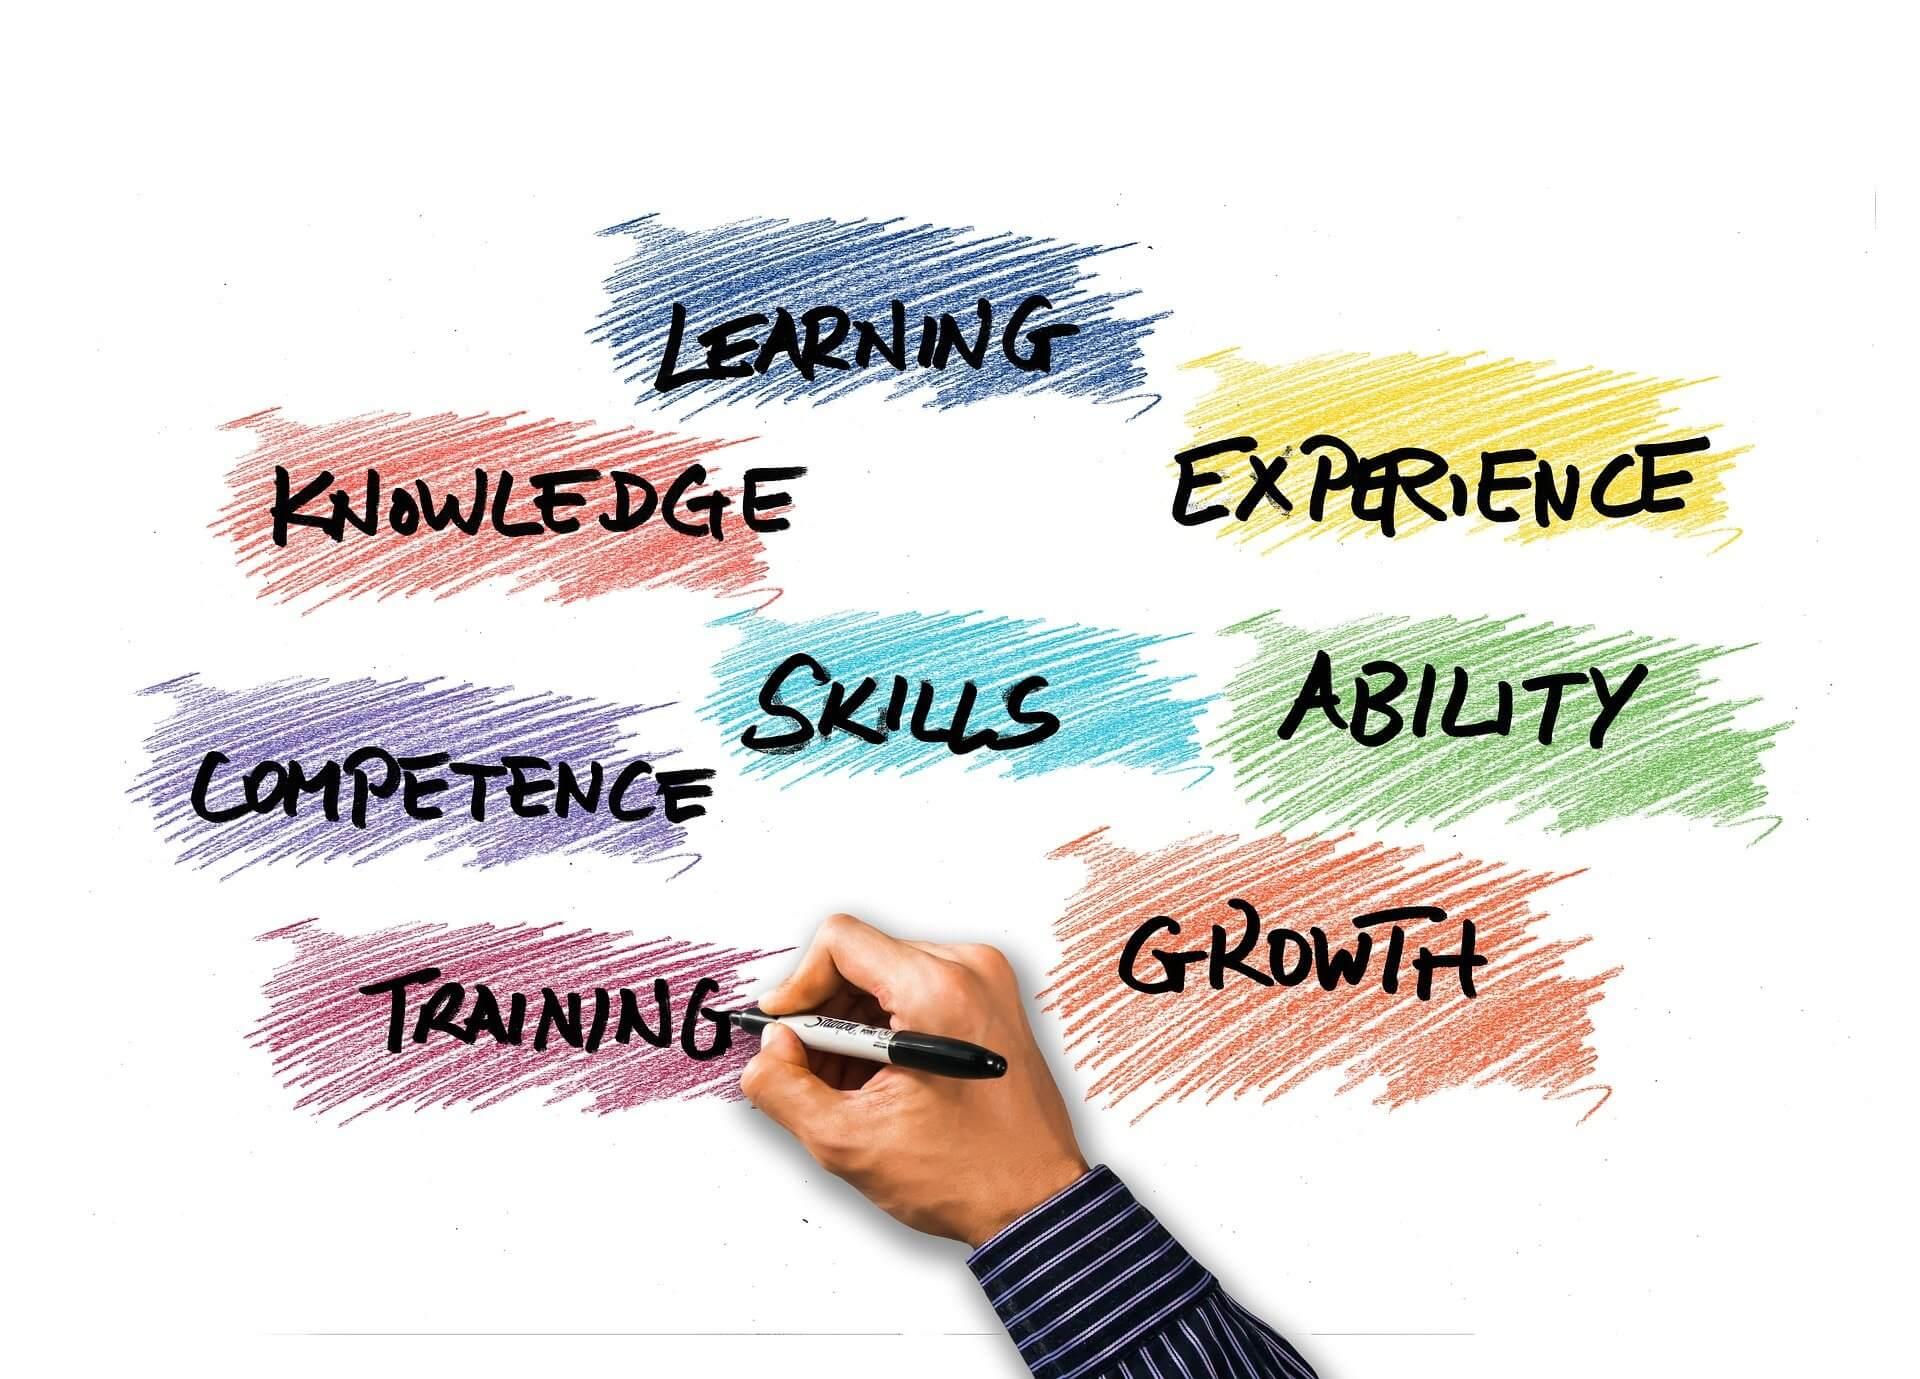 人材育成の効果的な手法とは?【定番から最新まで】基本的手法と事例を完全解説!